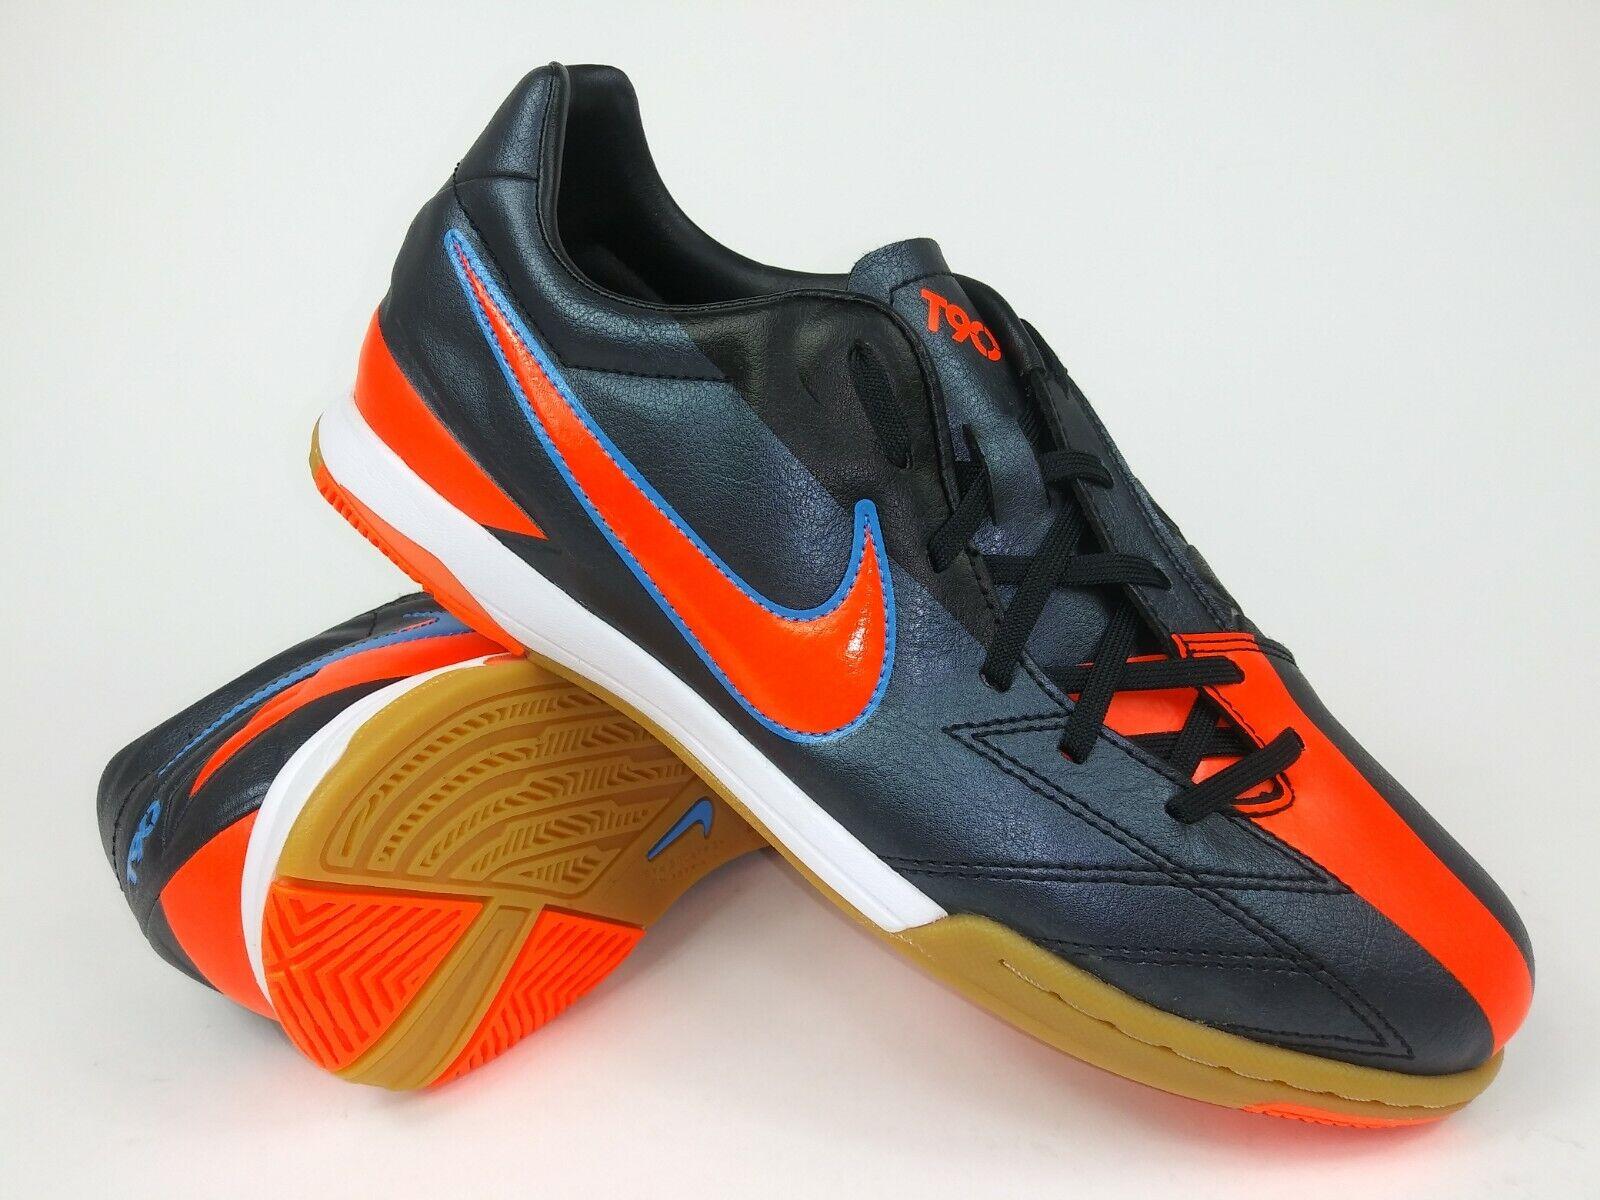 Nike Hombre Raro T90 Shoot IV IC 472558-084 Naranja Negro Interior Zapatos Talla 8.5